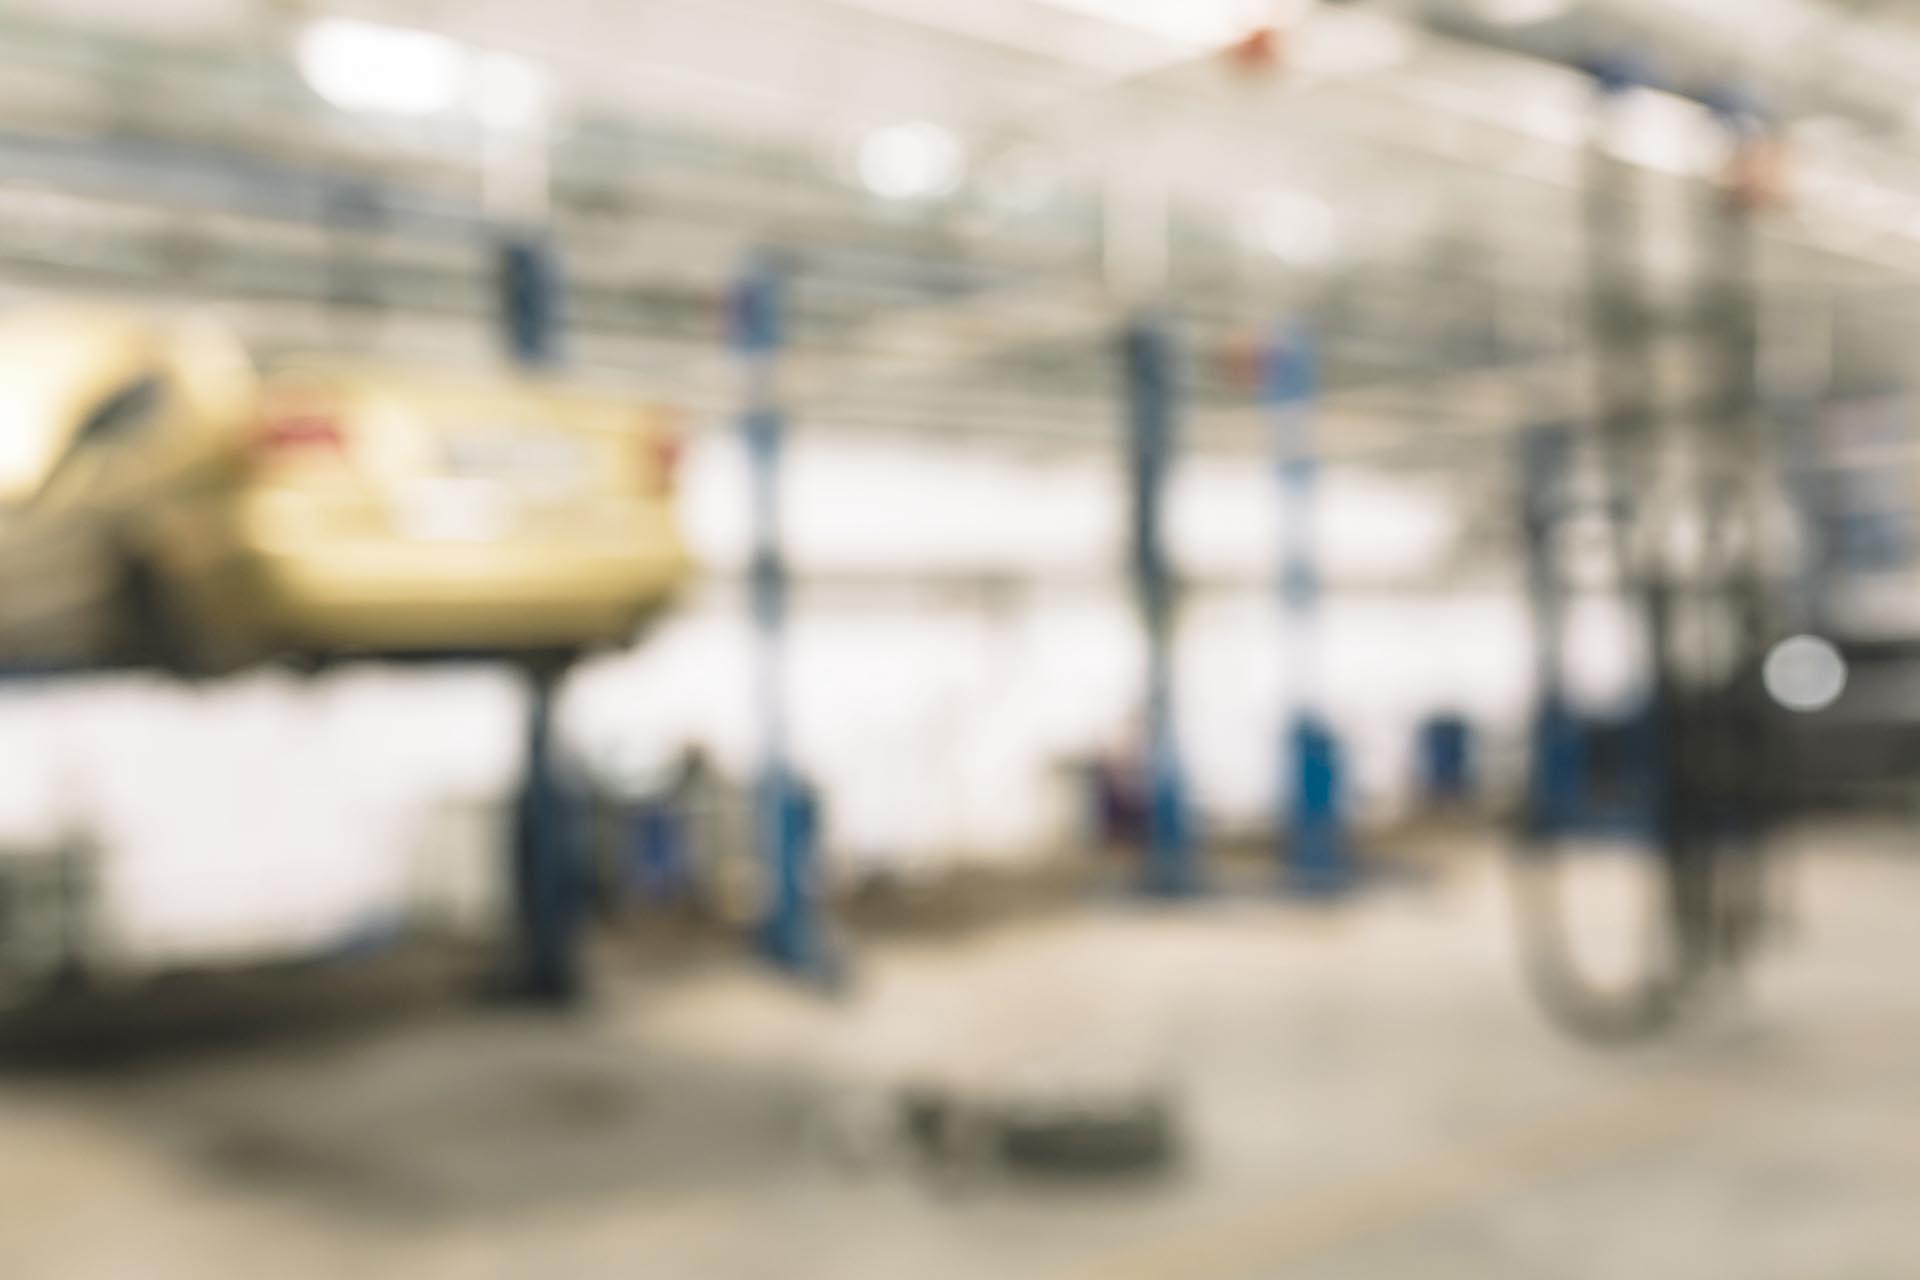 Бесплатная проверка качества ремонта по ОСАГО в Оренбурге